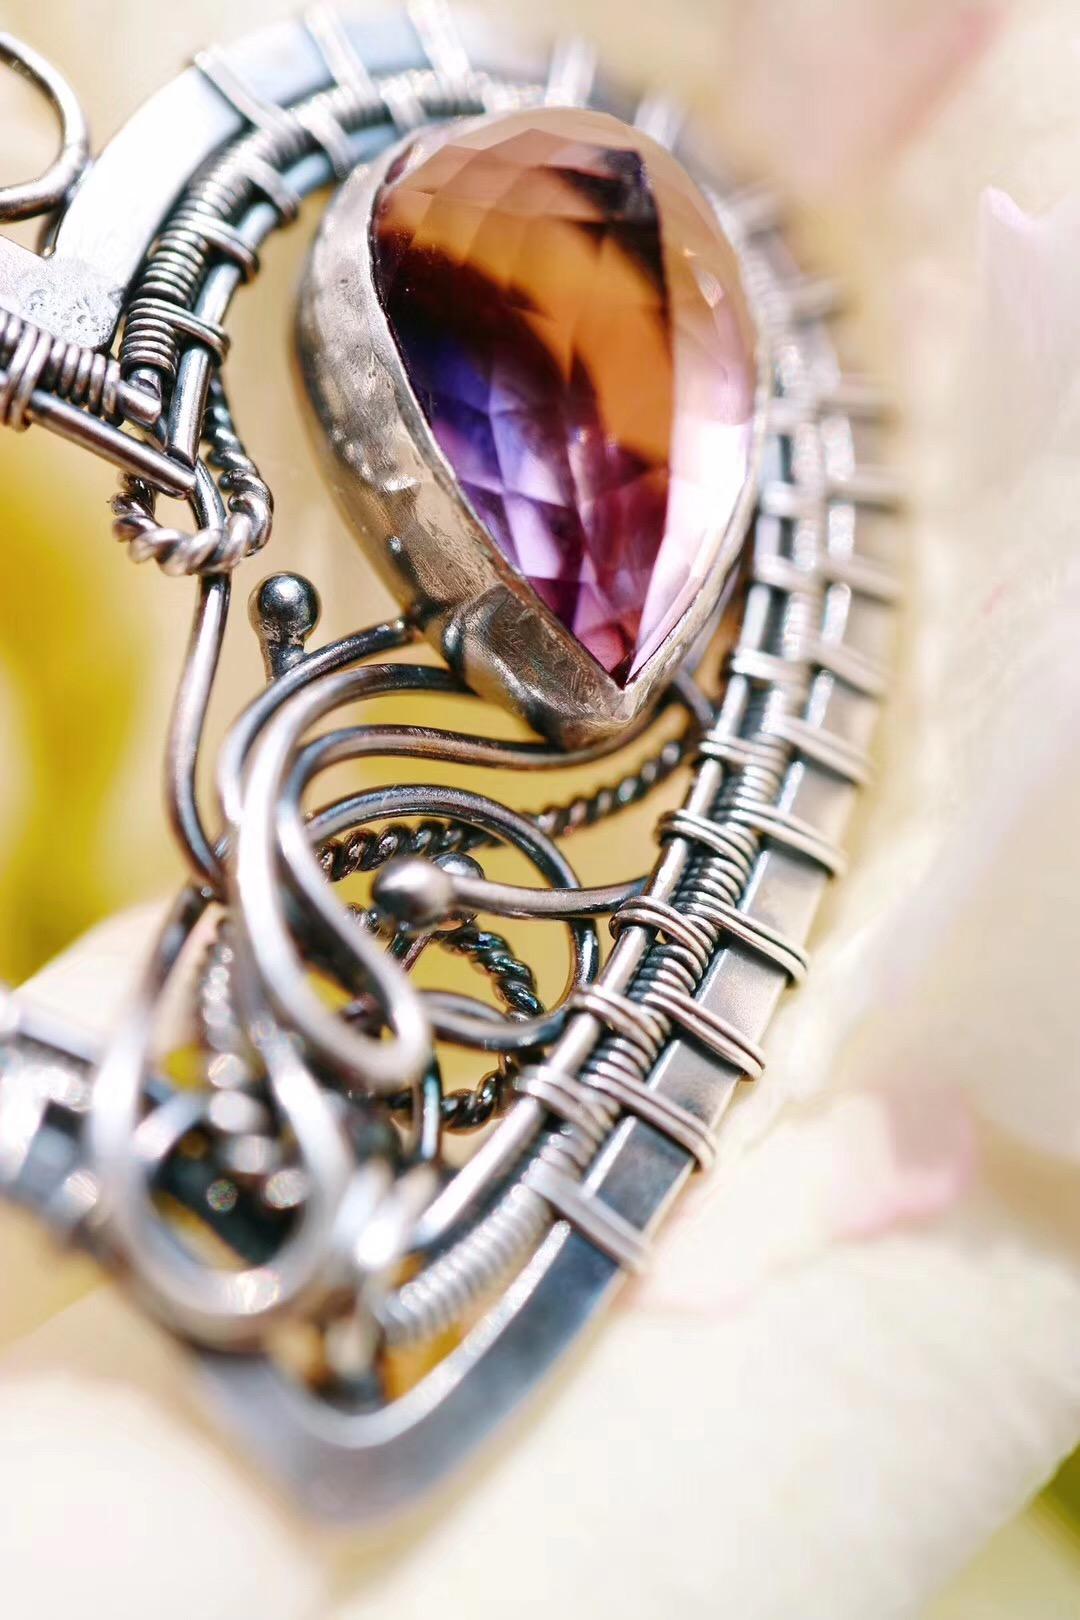 【菩心-紫黄晶】紫黄晶手工坠,看着就很美好-菩心晶舍